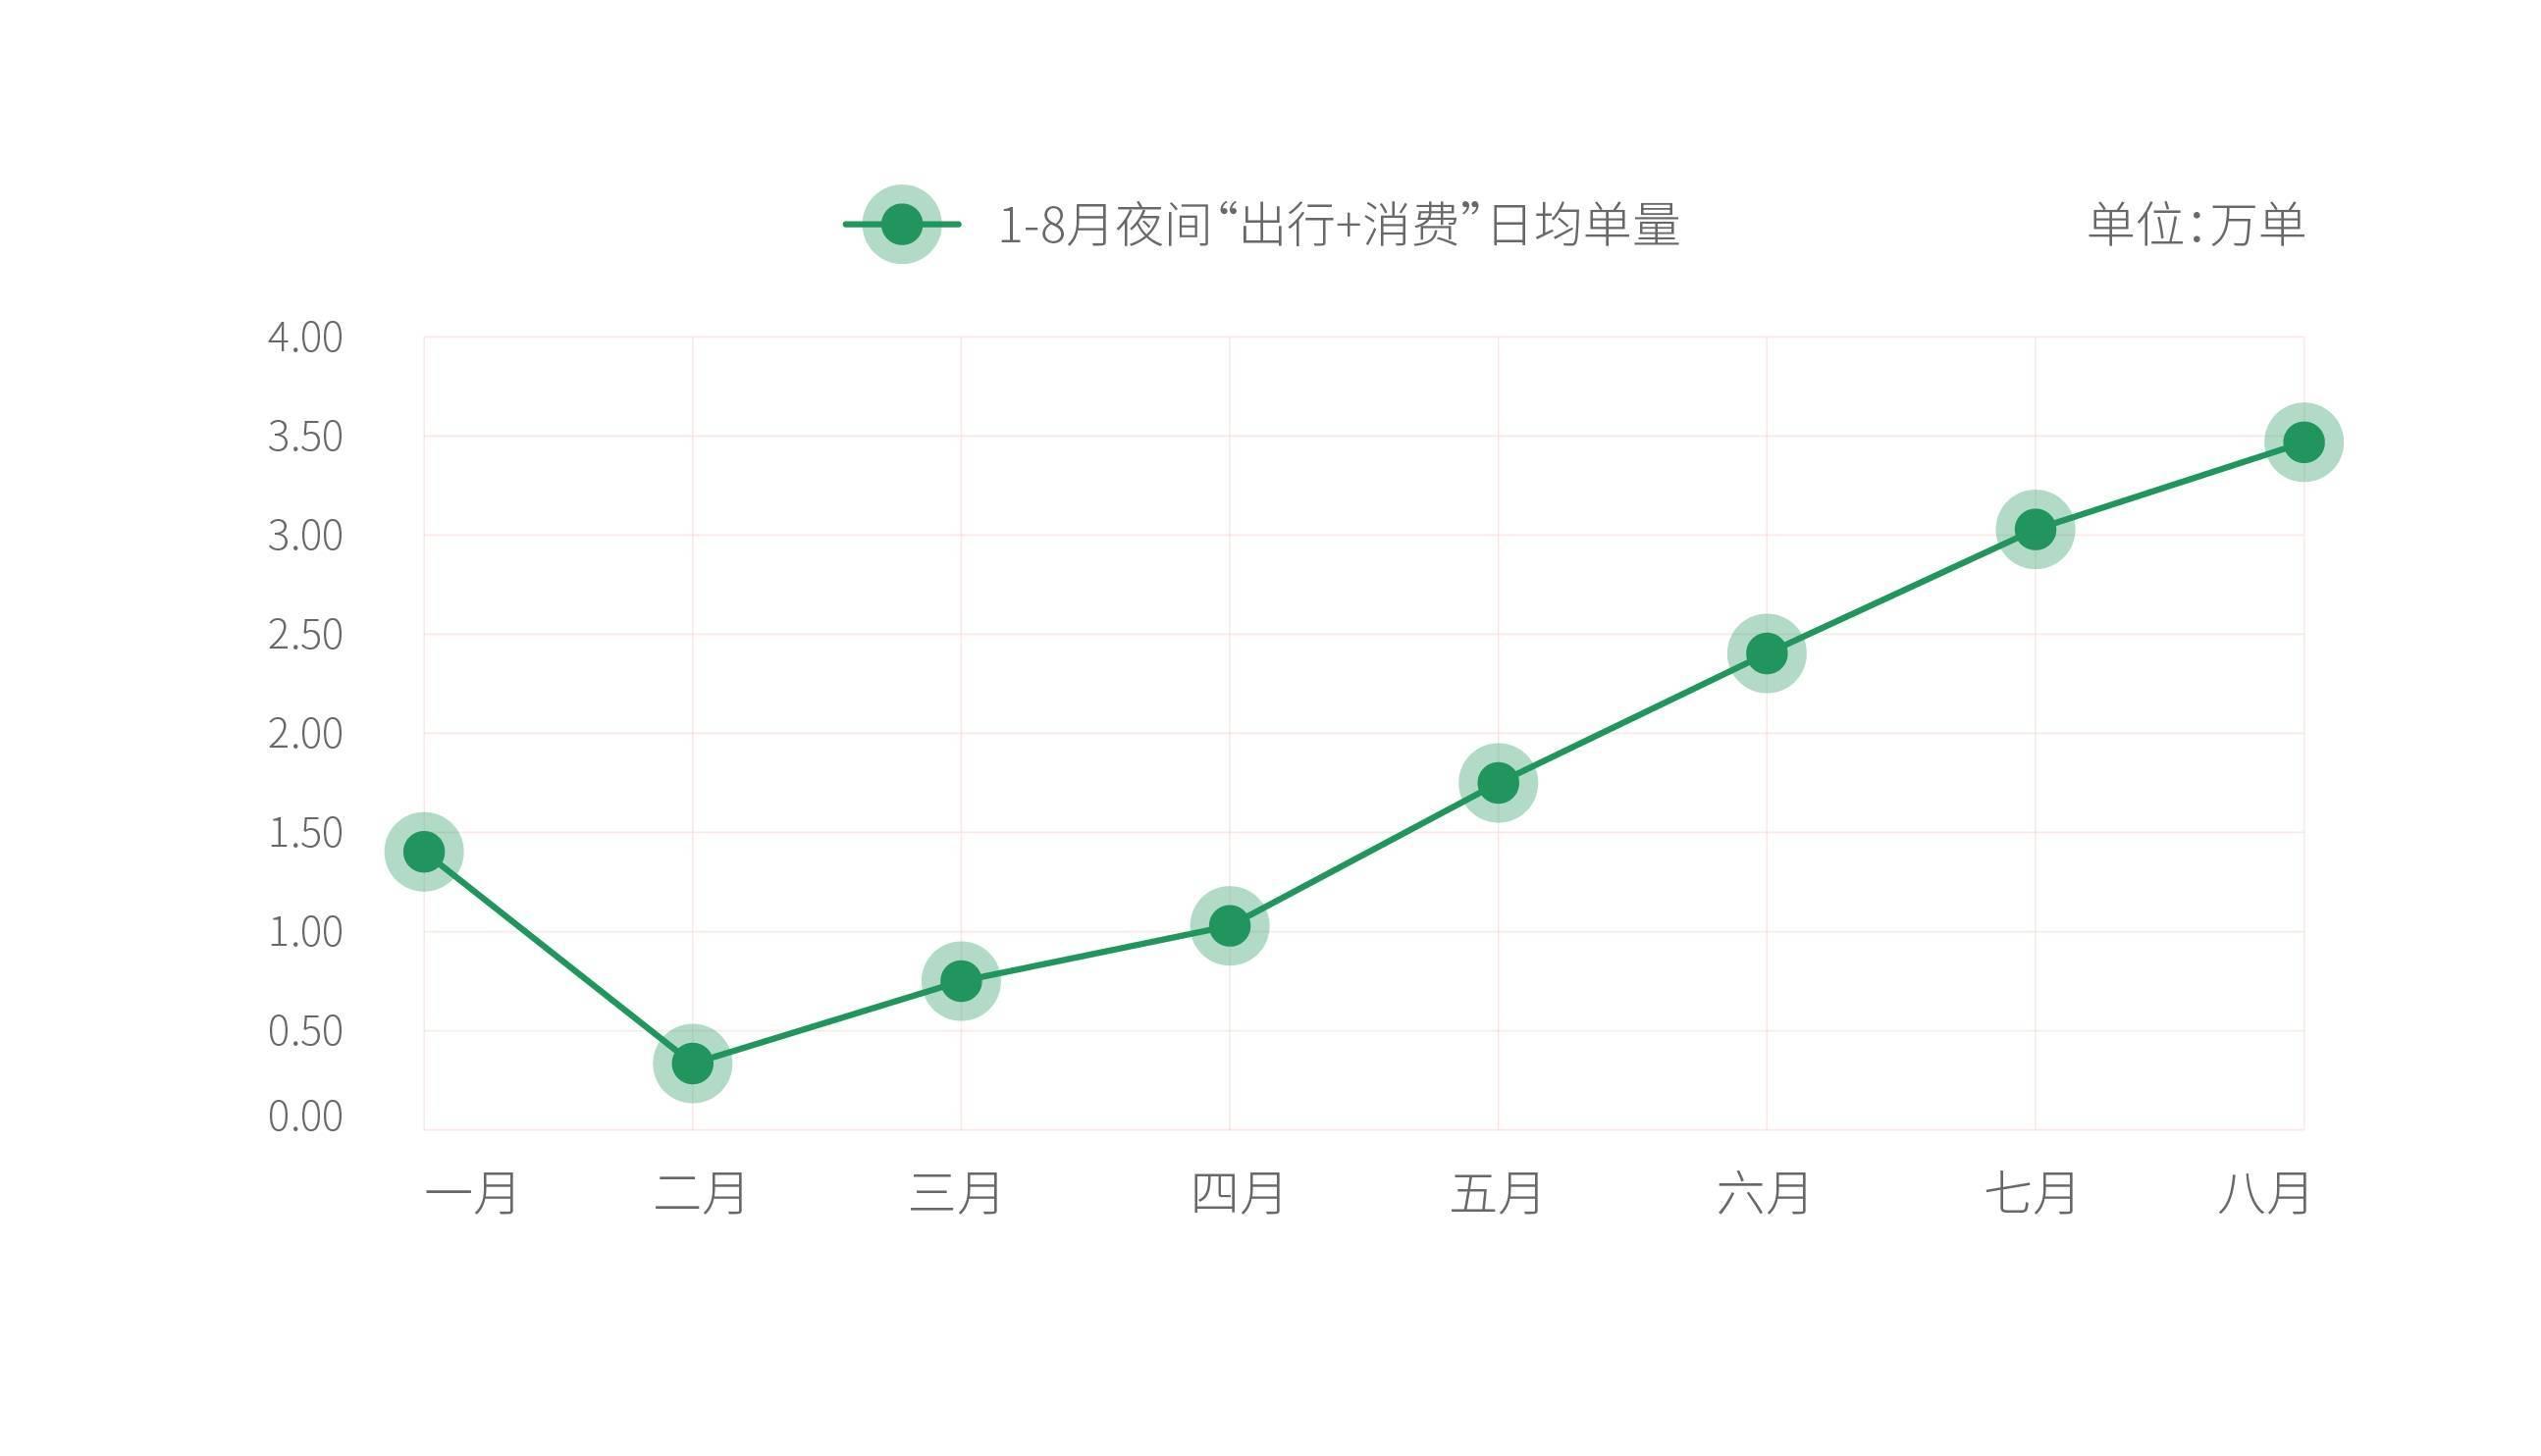 """曹操出行大数据推出8月广州夜间""""出行+消费""""分析报告"""